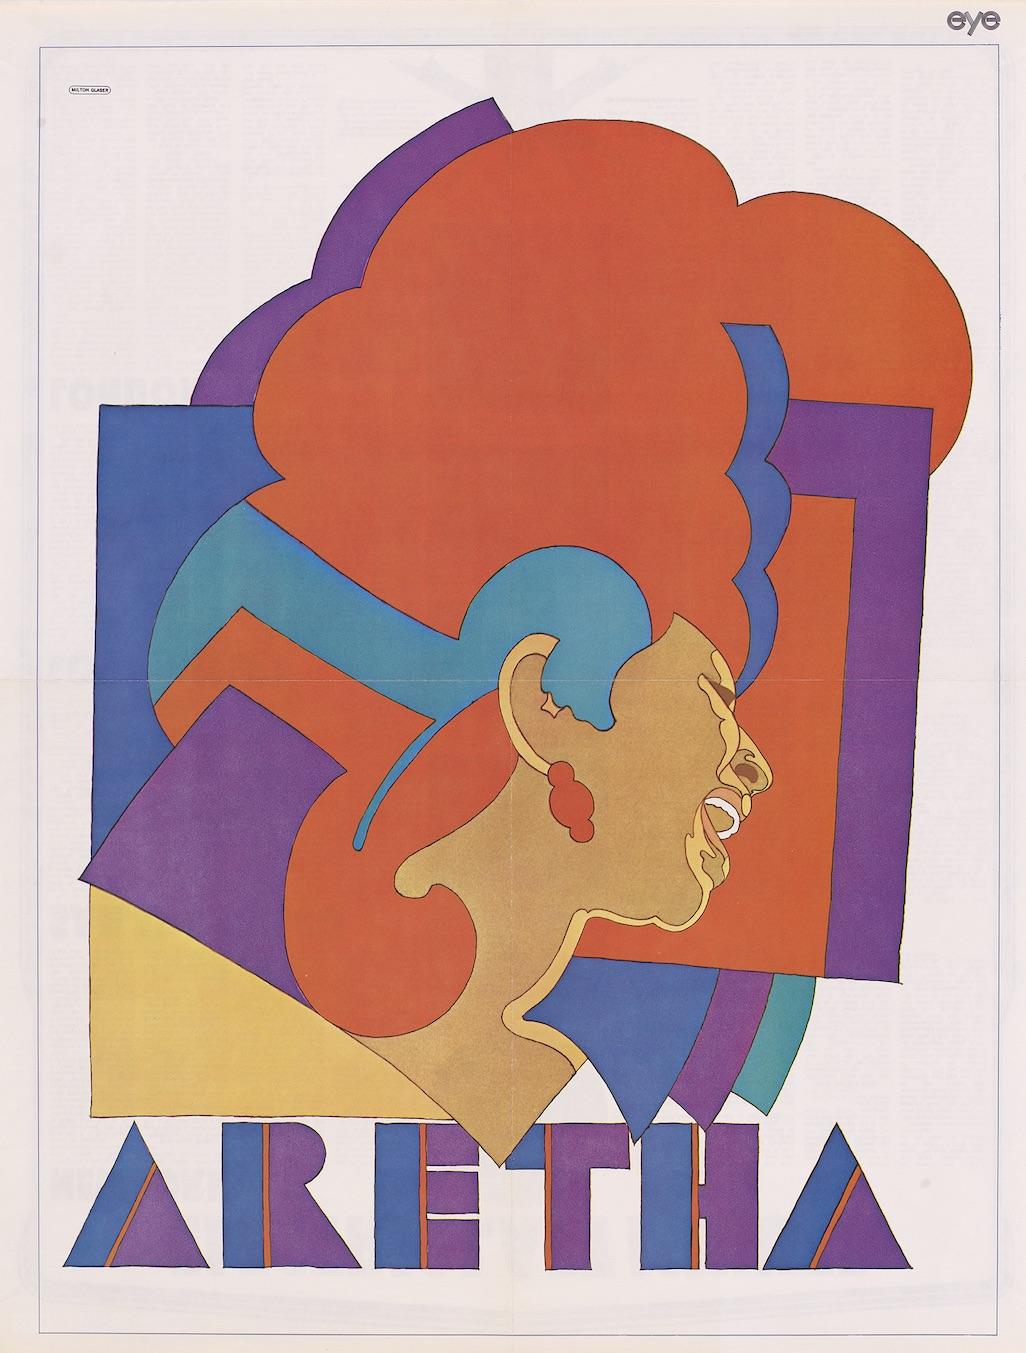 Aretha Franklin Portrait Gallery